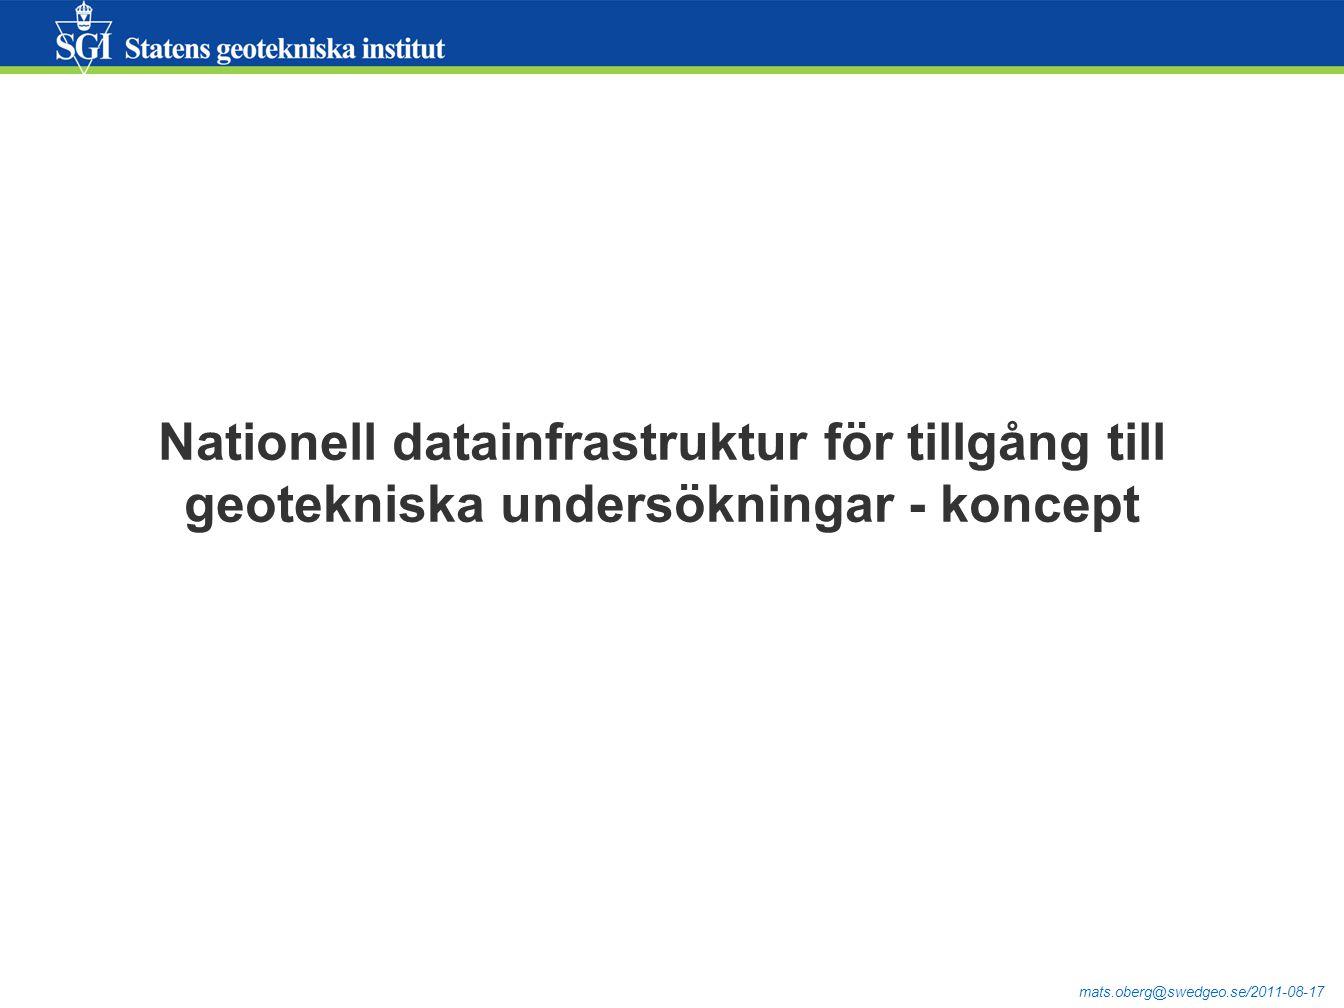 mats.oberg@swedgeo.se/2011-08-17 Nationell datainfrastruktur för tillgång till geotekniska undersökningar - koncept